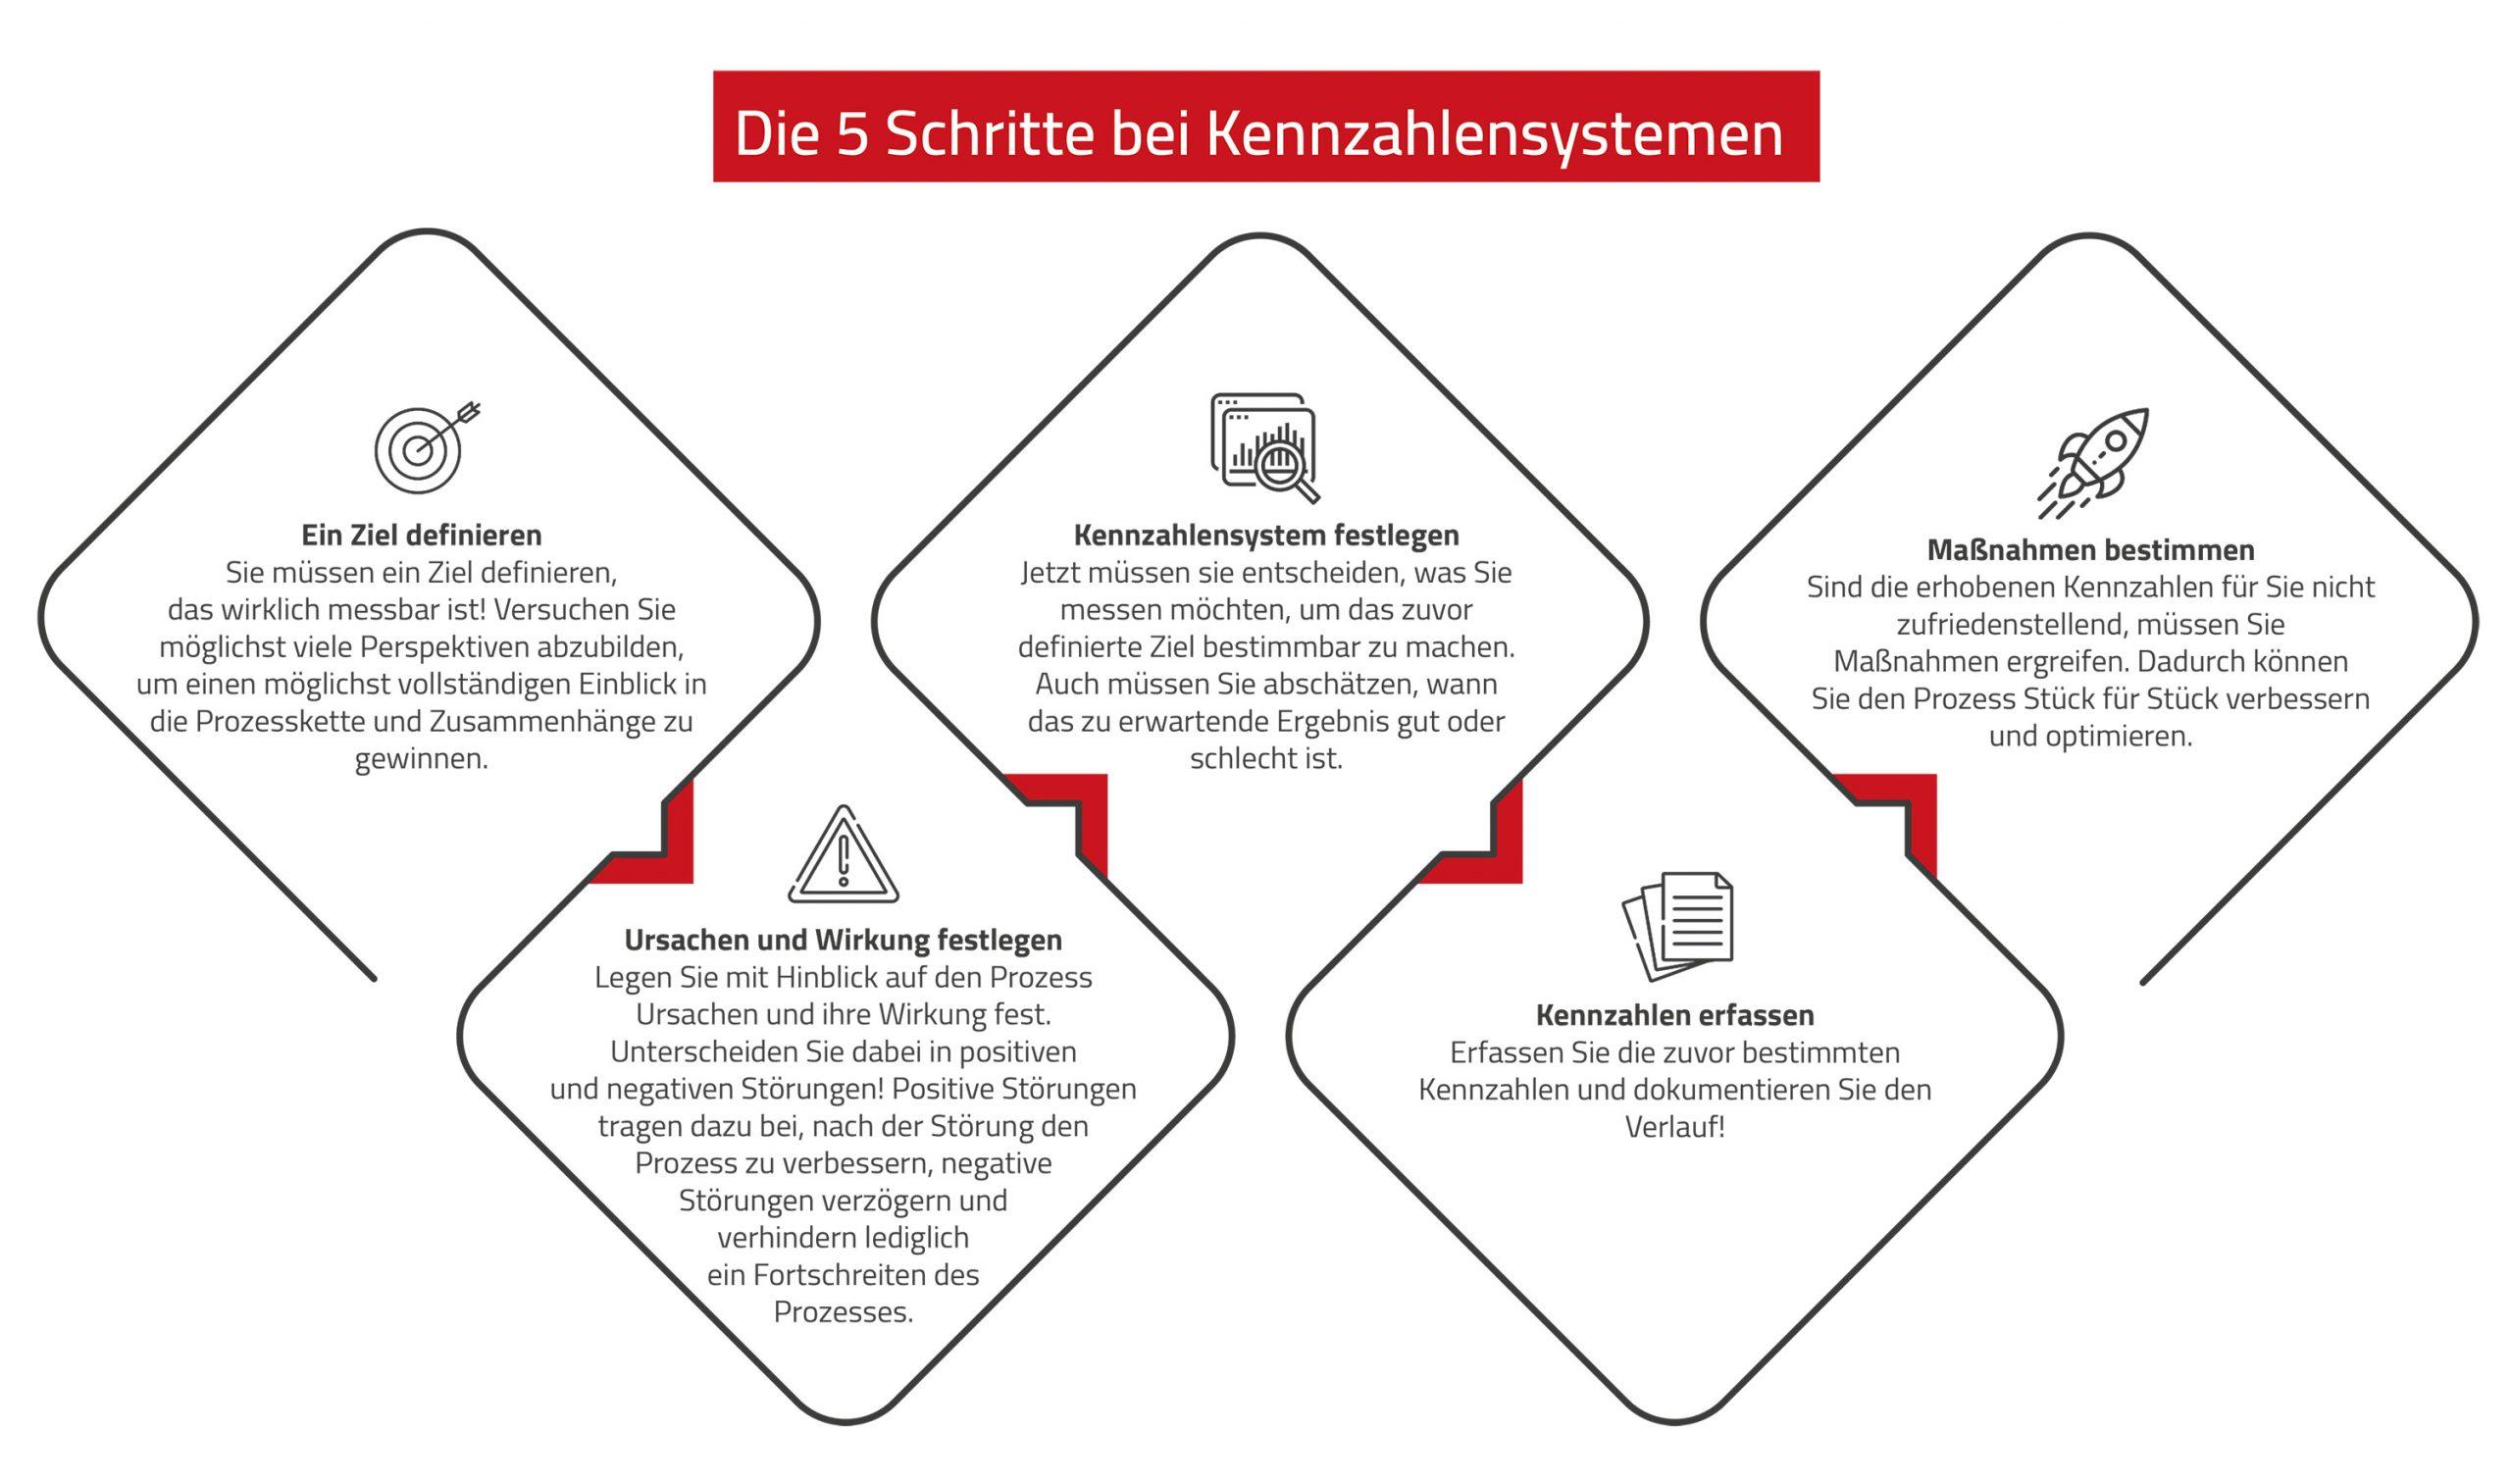 Einführung von Managed Services bei Kennzahlsystemen